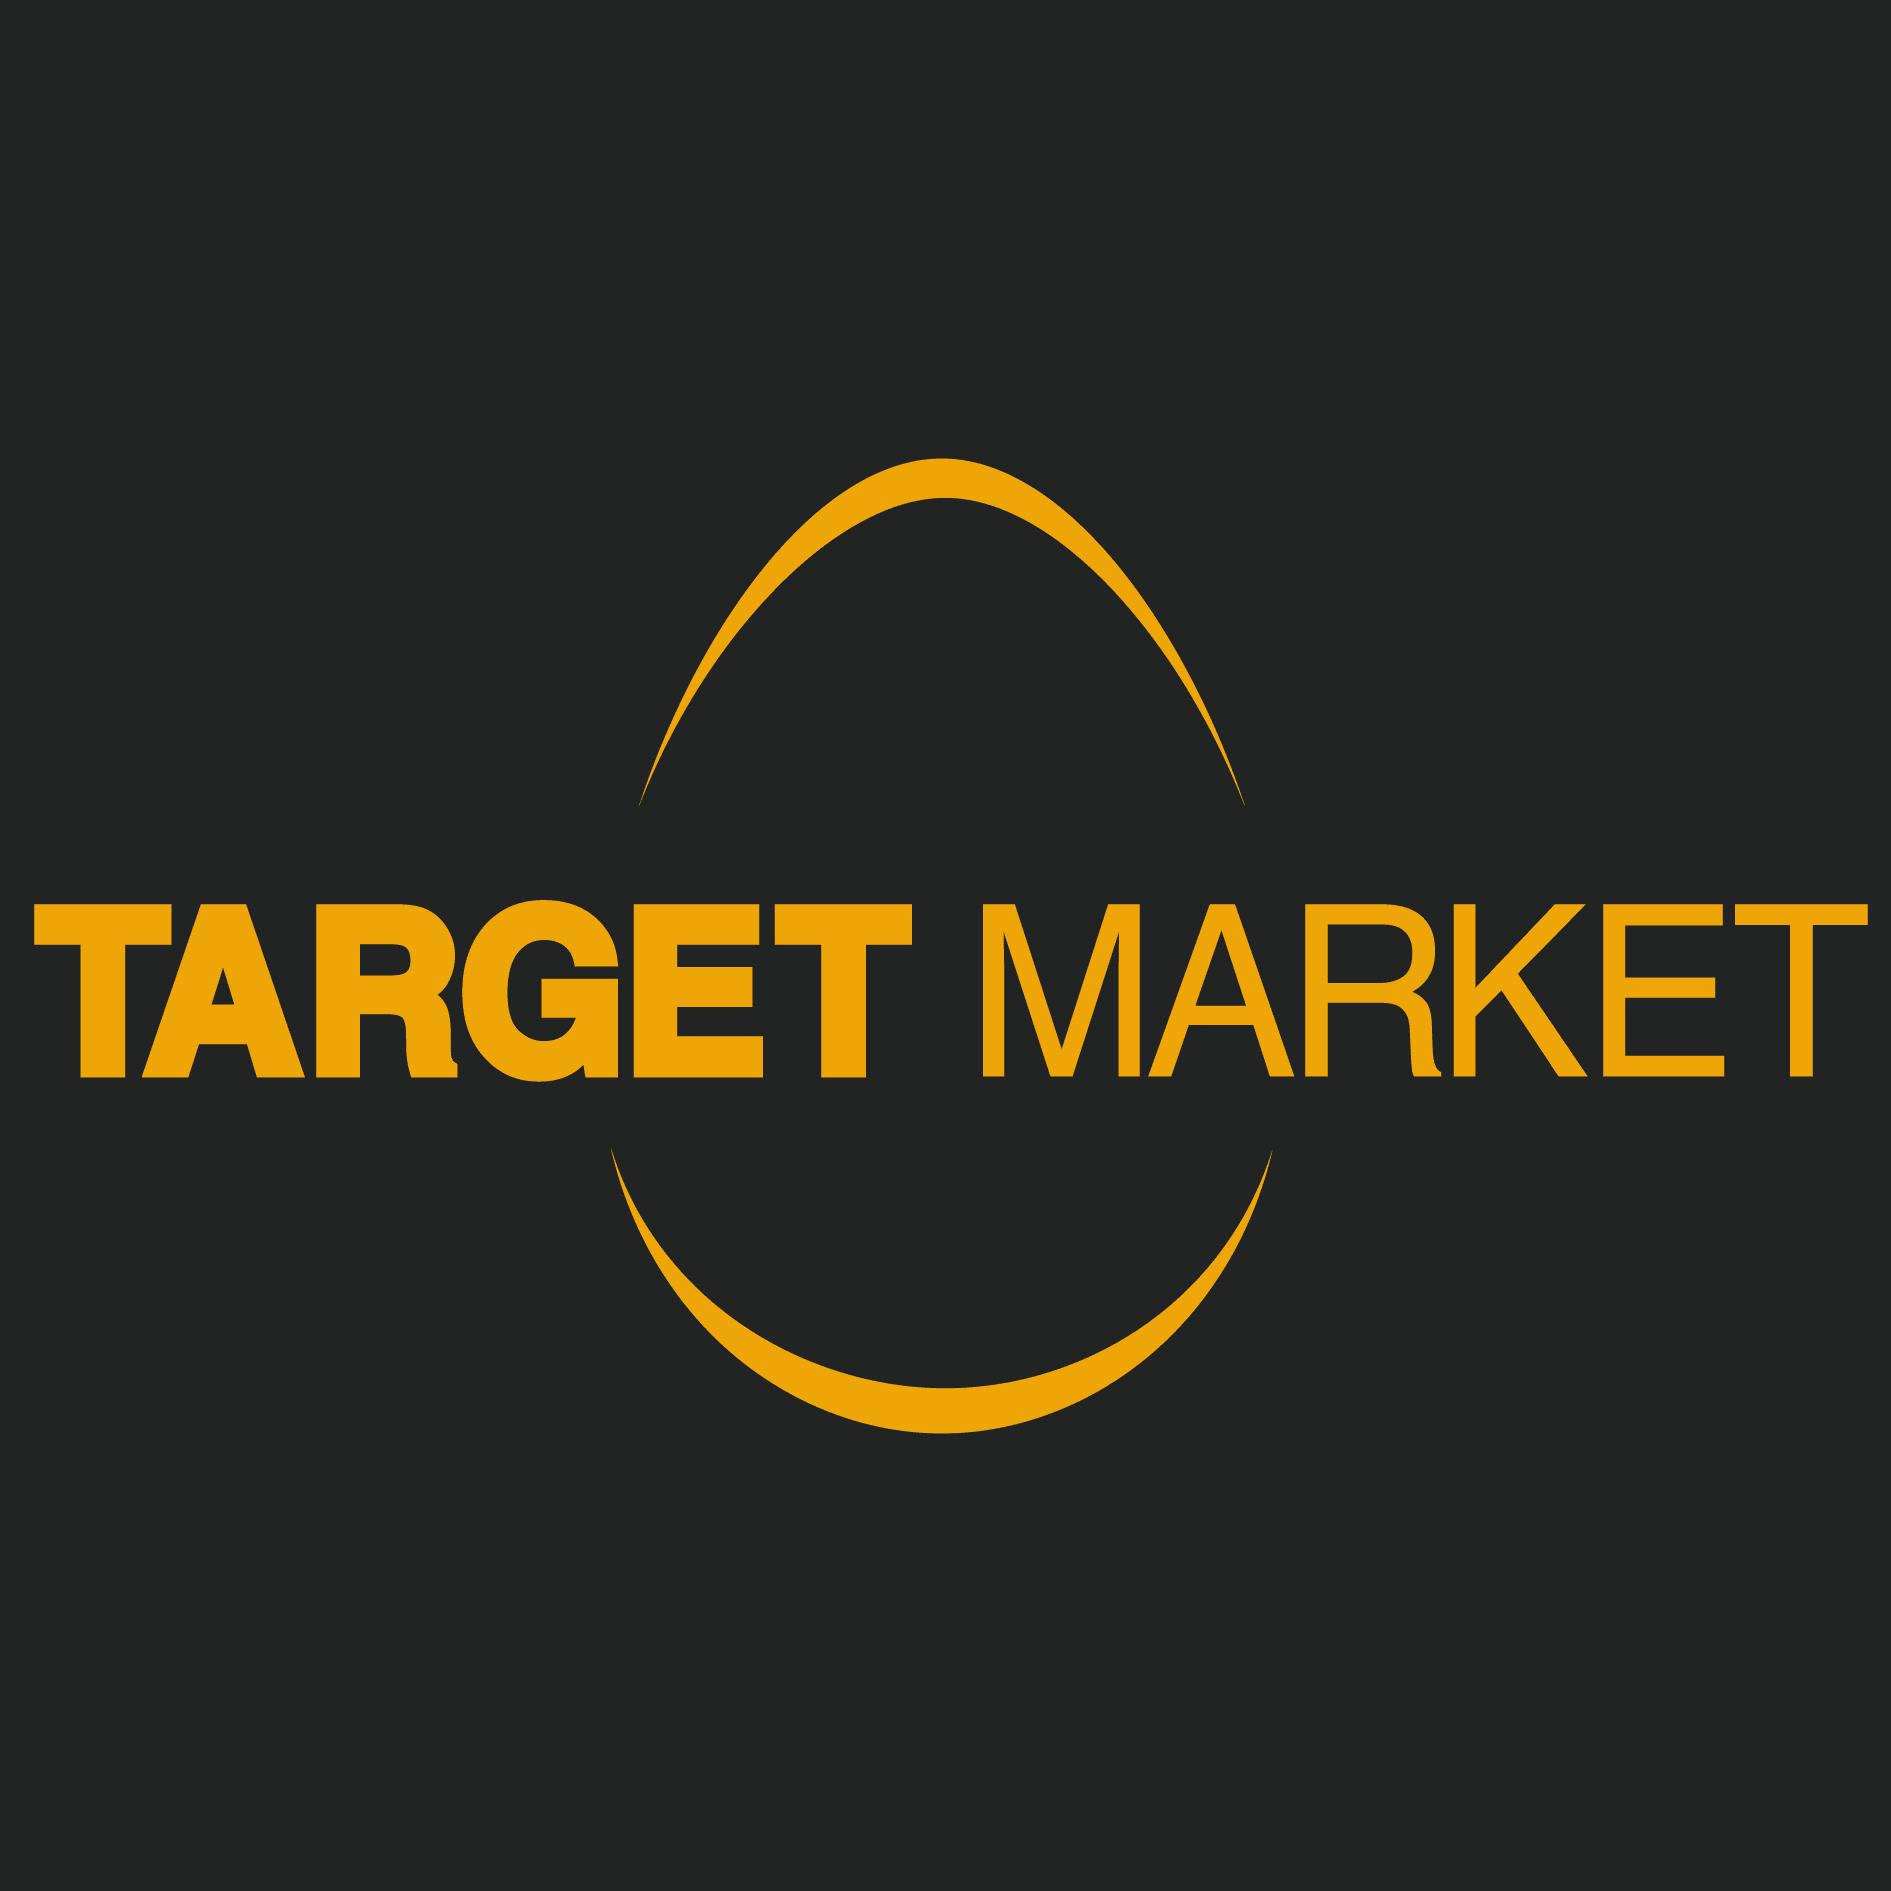 Target market logo